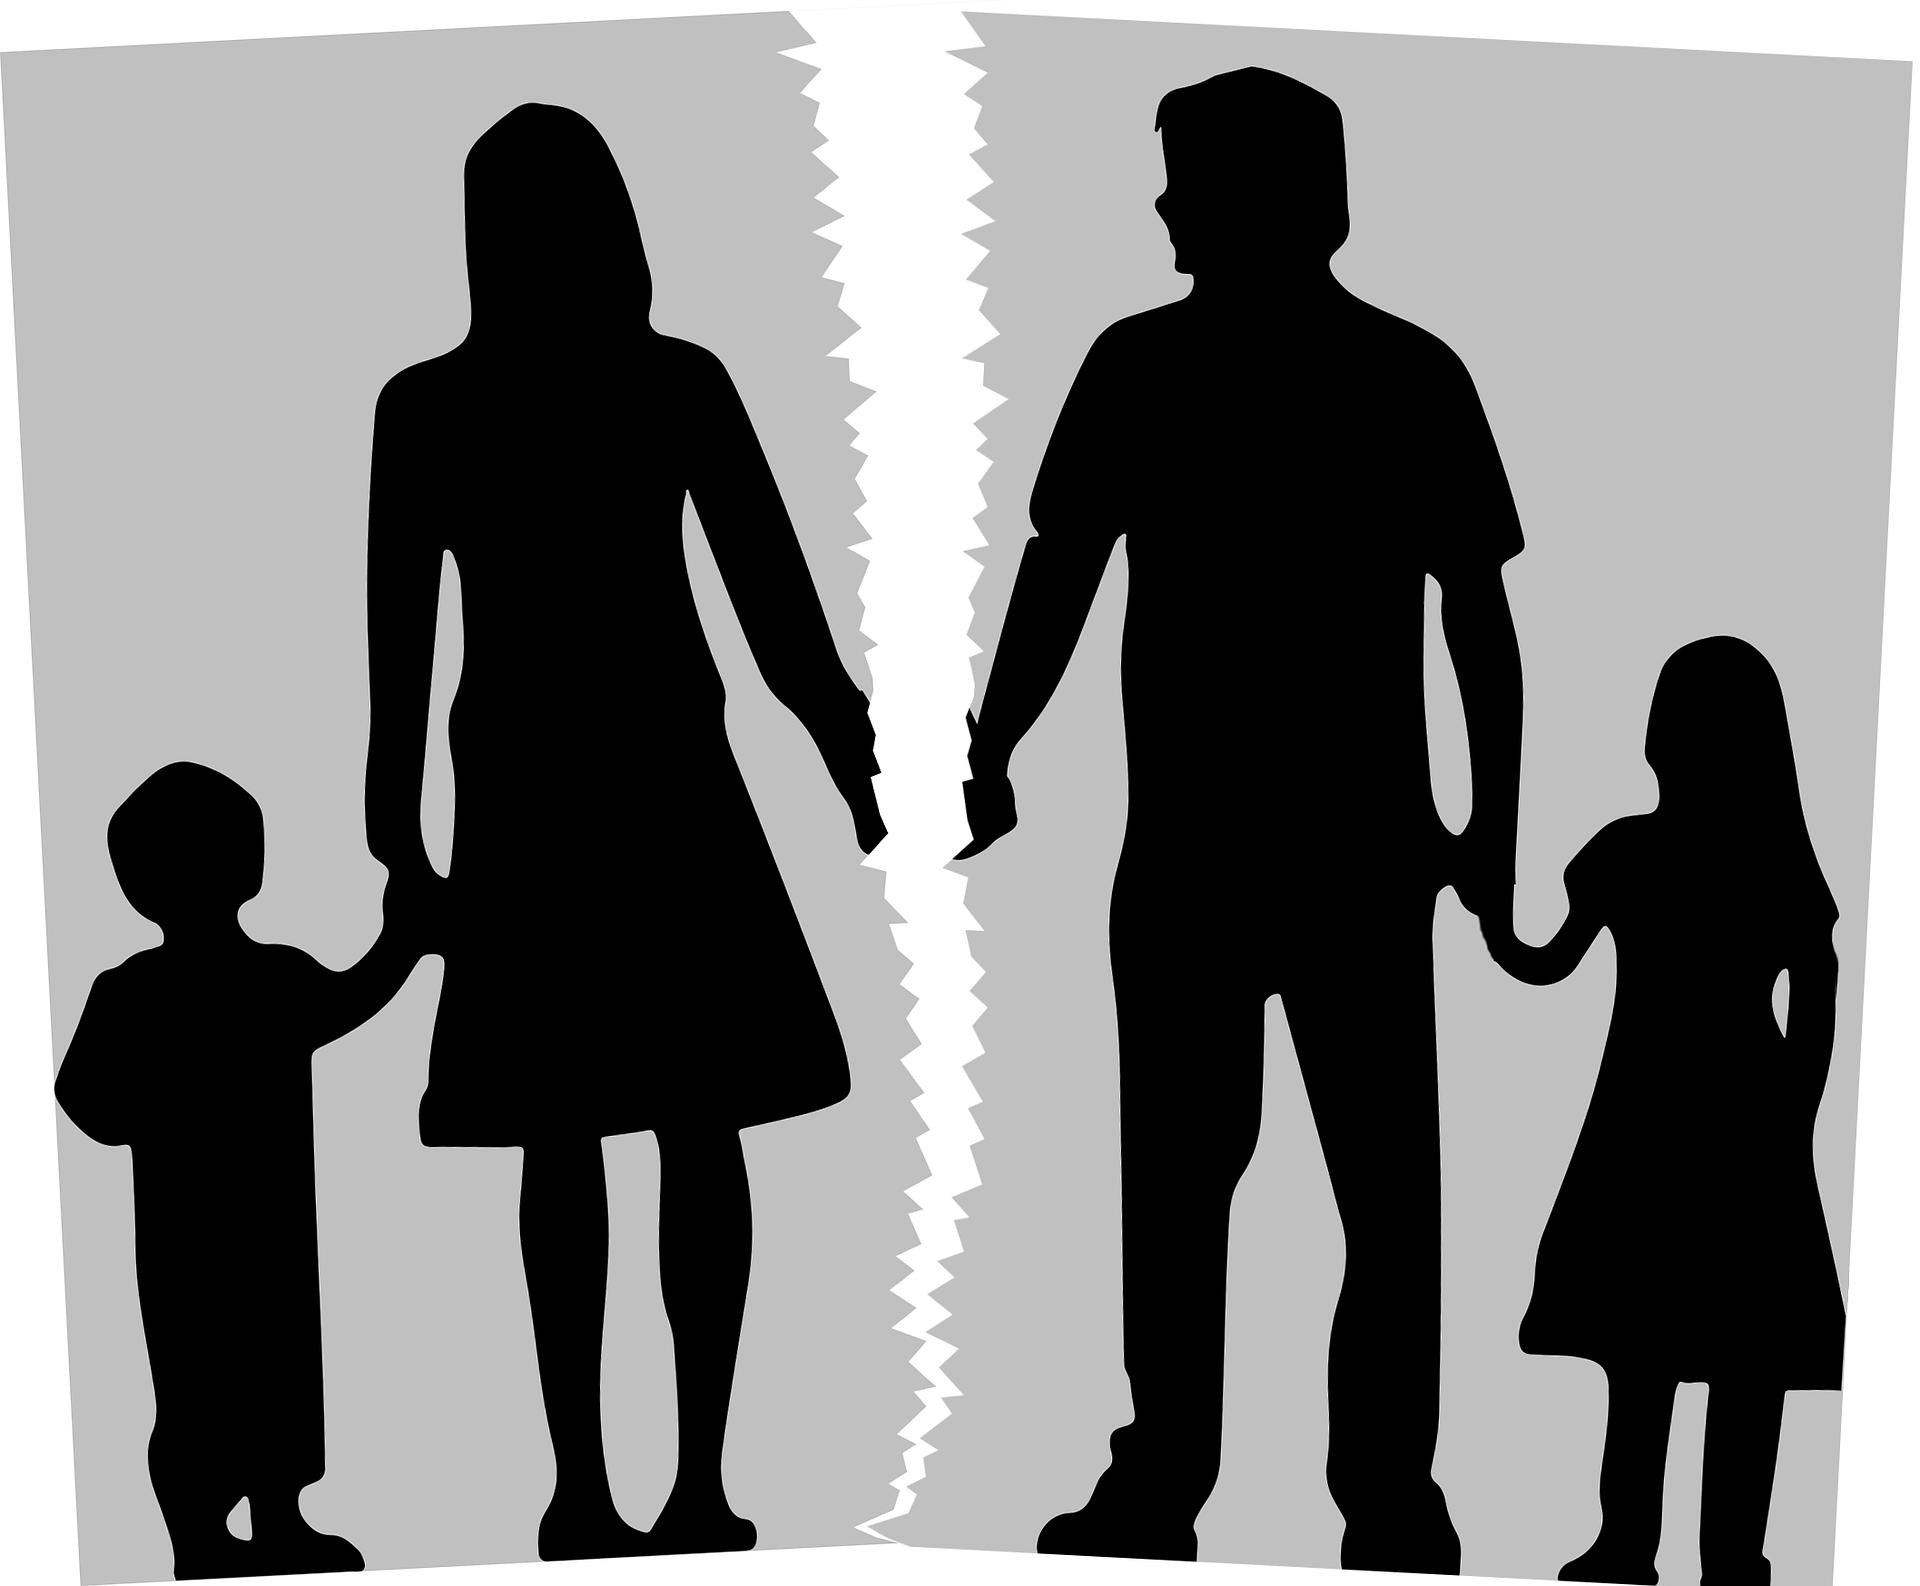 264773-264773-ظاهرة-الطلاق-في-الخليج-بين-التهوين-والتهويل2